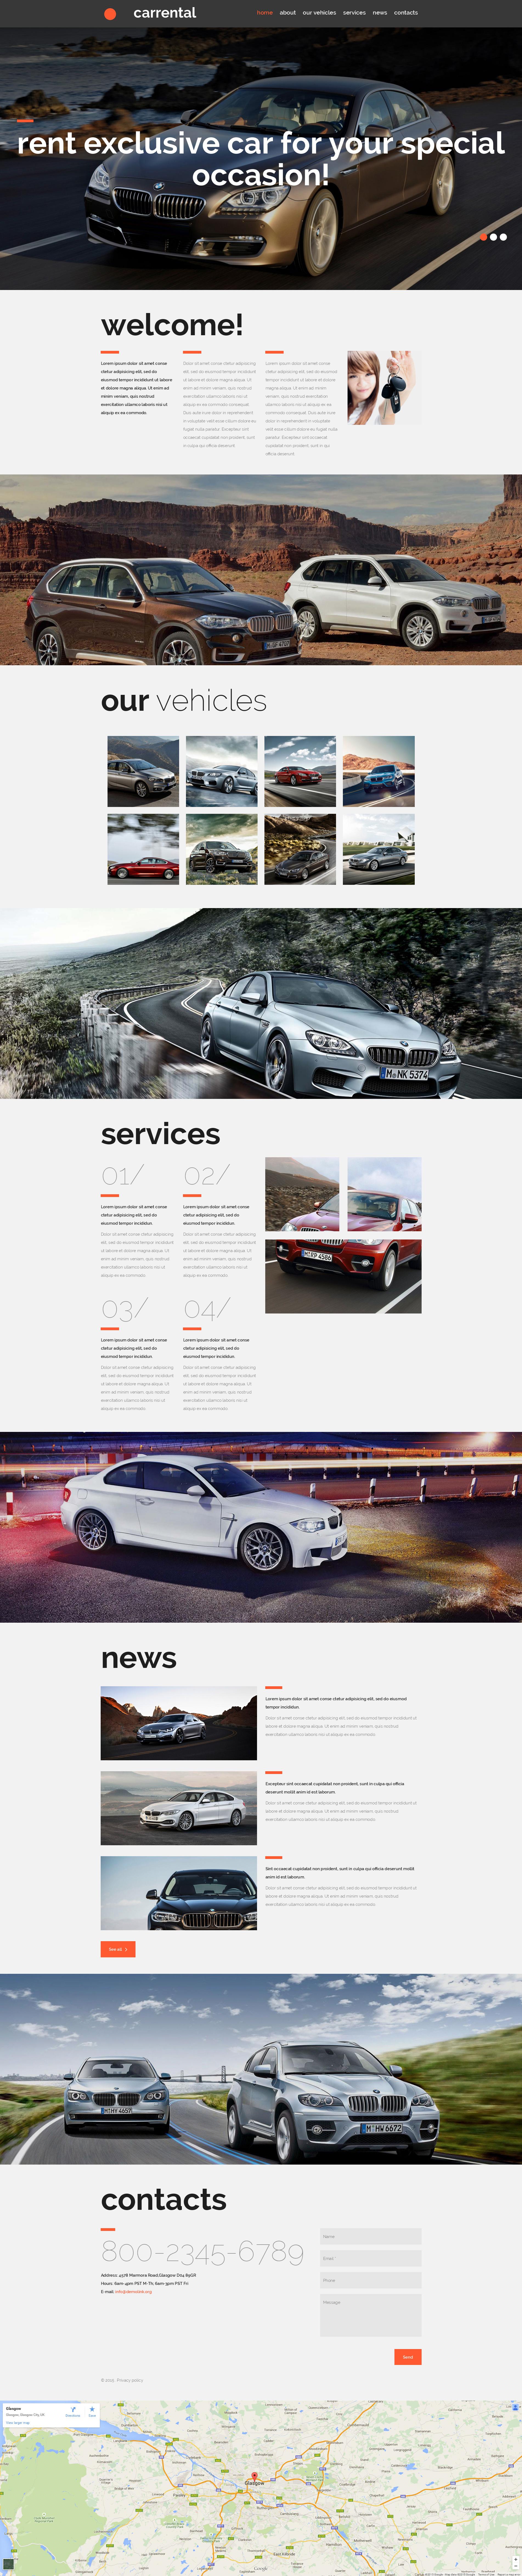 Templates Moto CMS 3 Flexível para Sites de Aluguel de Carros №53723